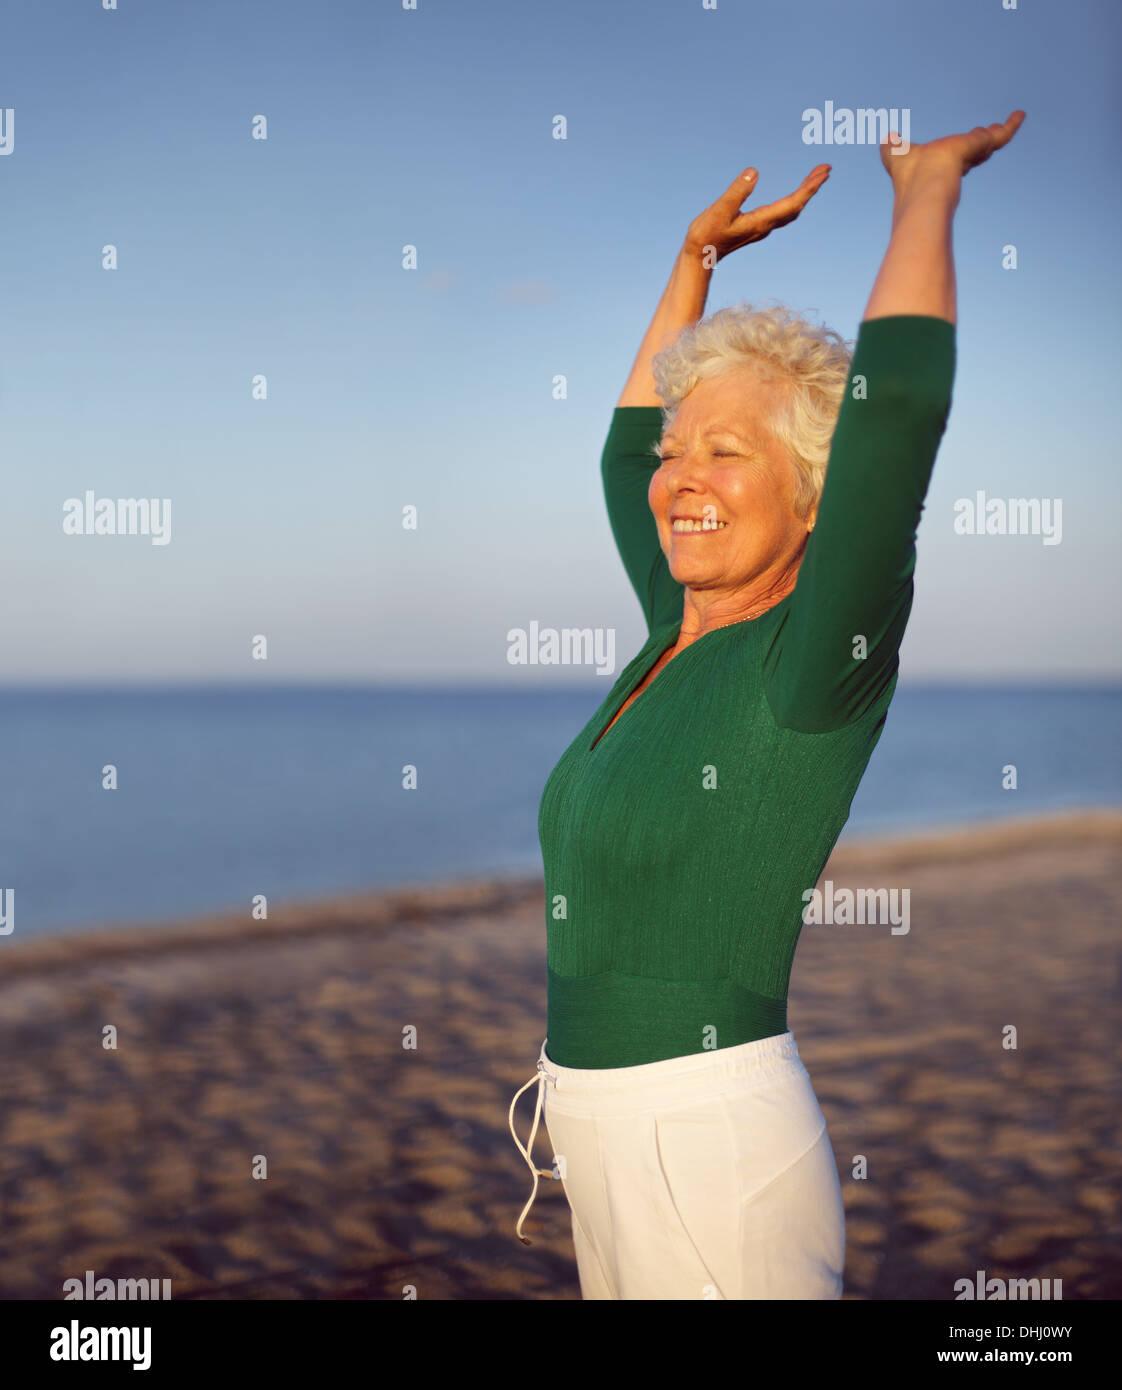 Retrato de hermosa mujer madura practicando yoga en la playa con copyspace. Old mujer caucásica que hacen ejercicio al aire libre para mantenerse en forma. Imagen De Stock